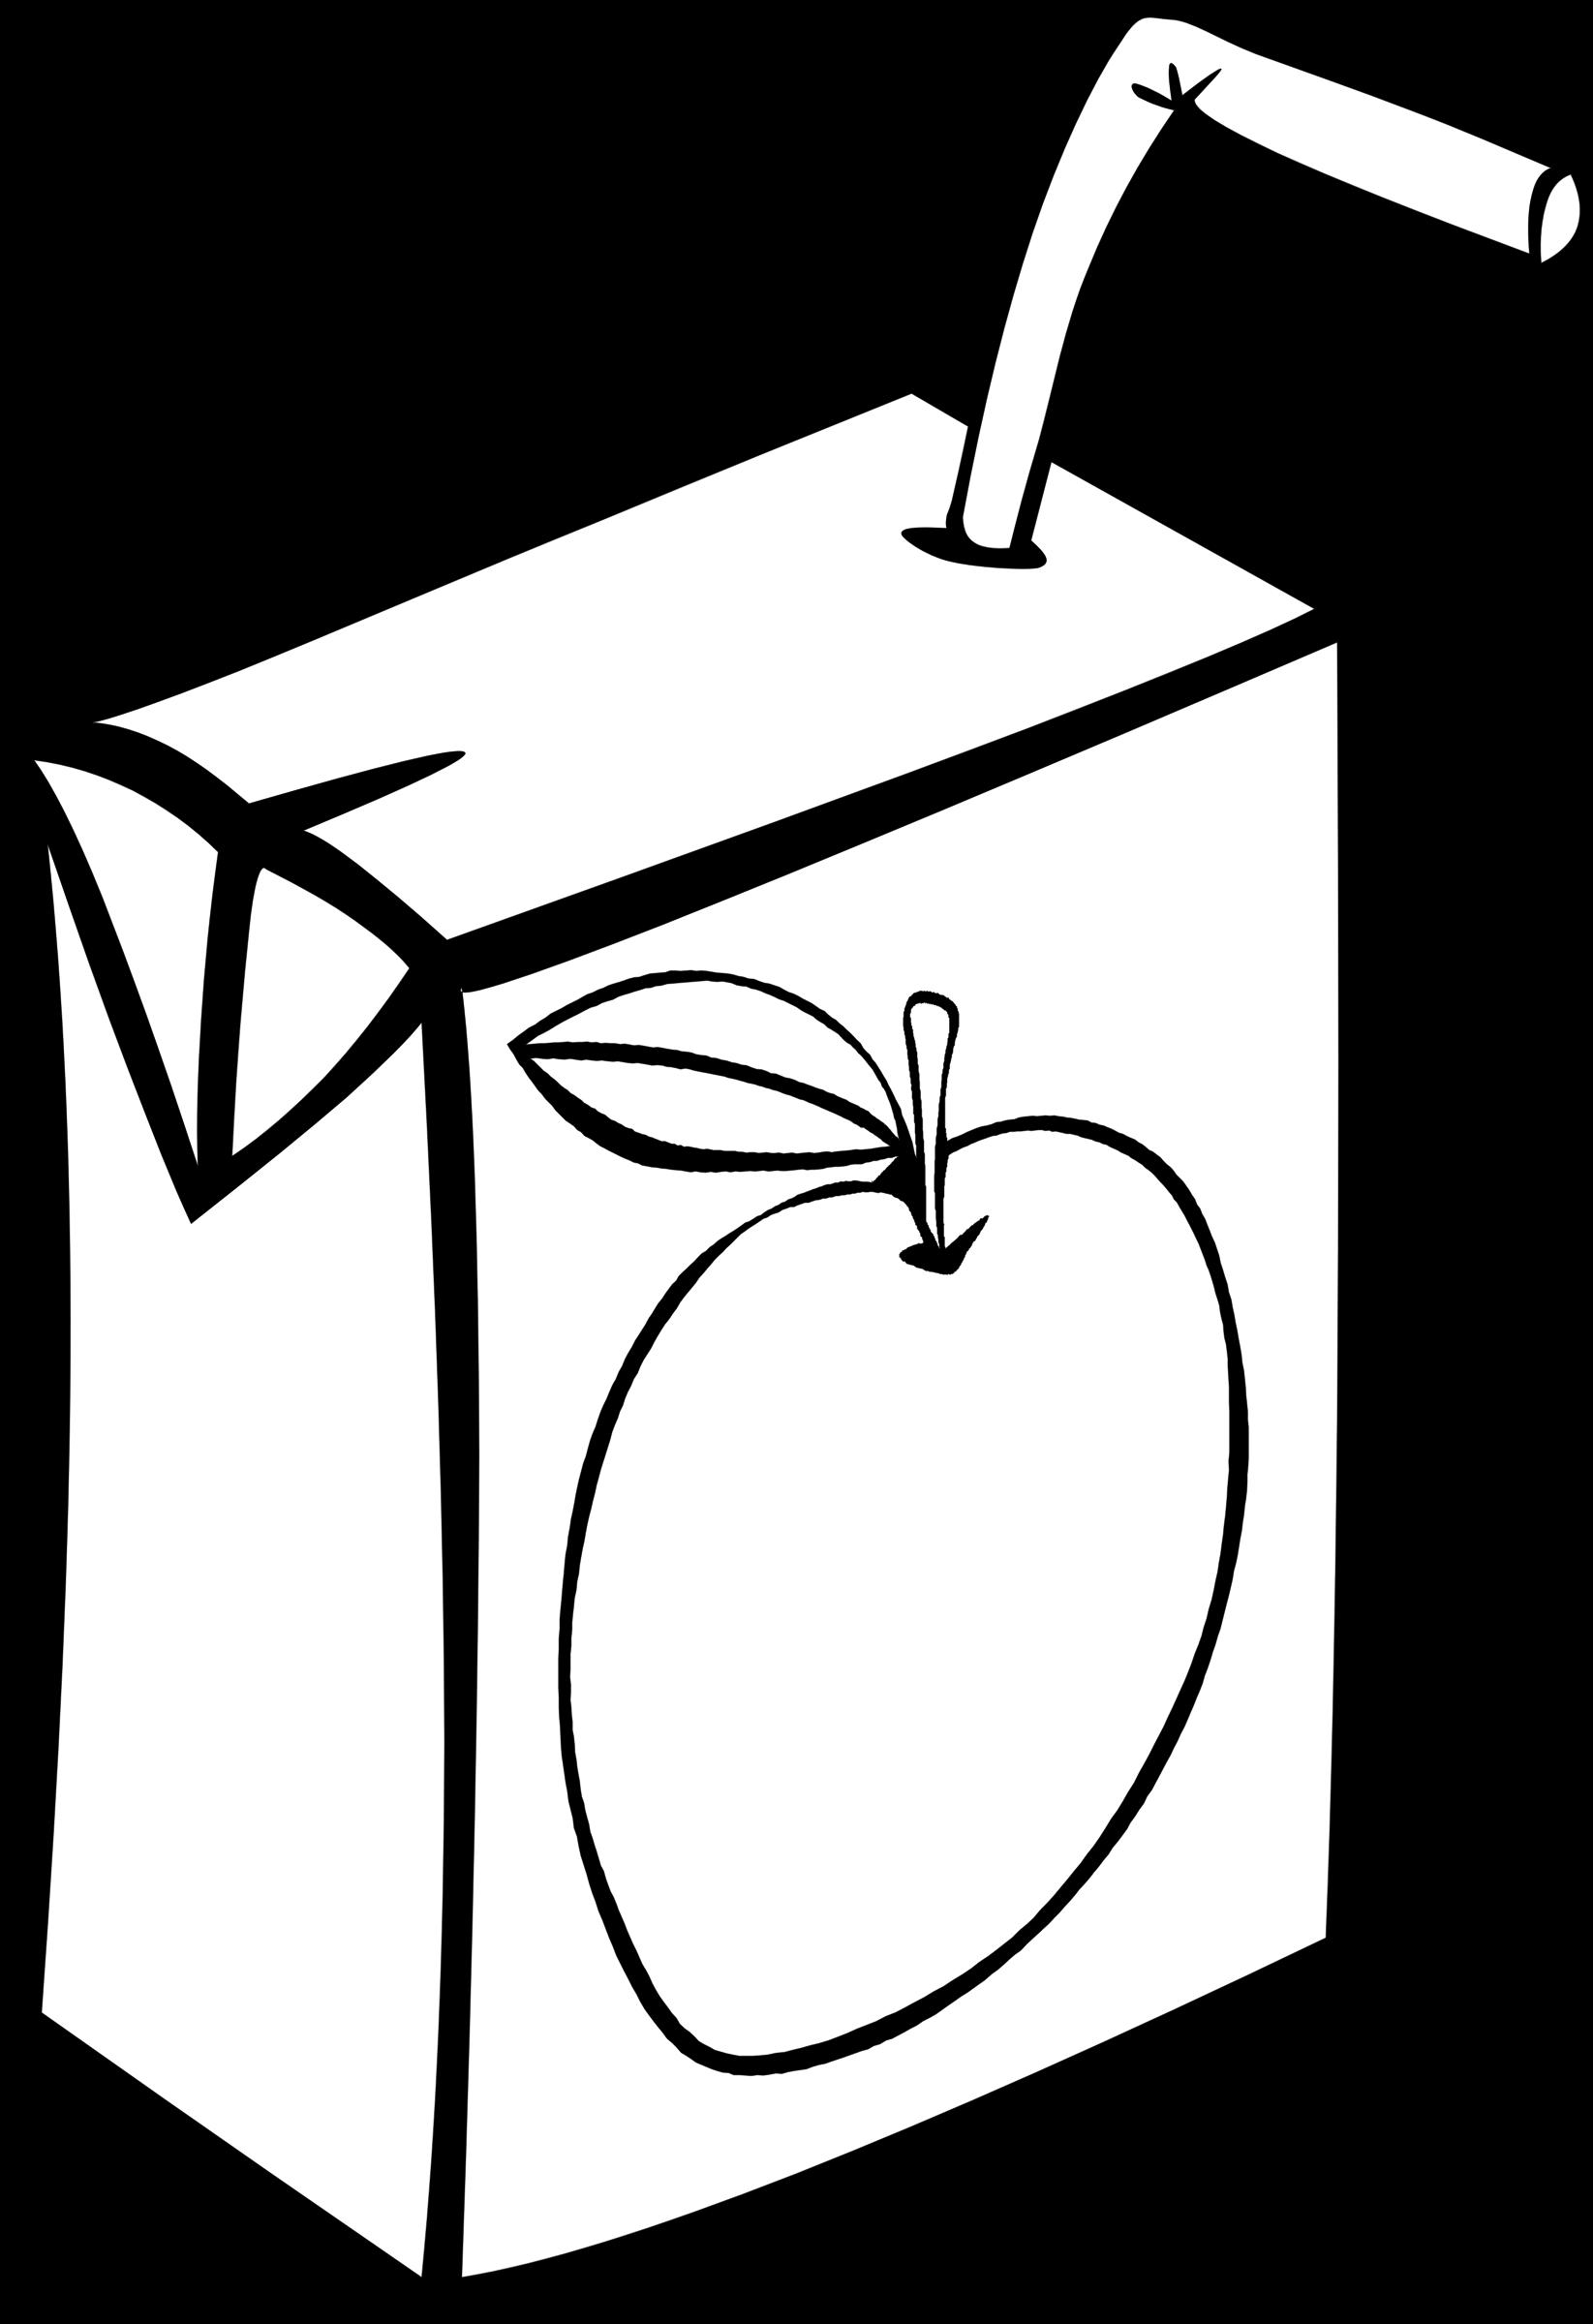 vector stock Milk juice free on. Carton clipart